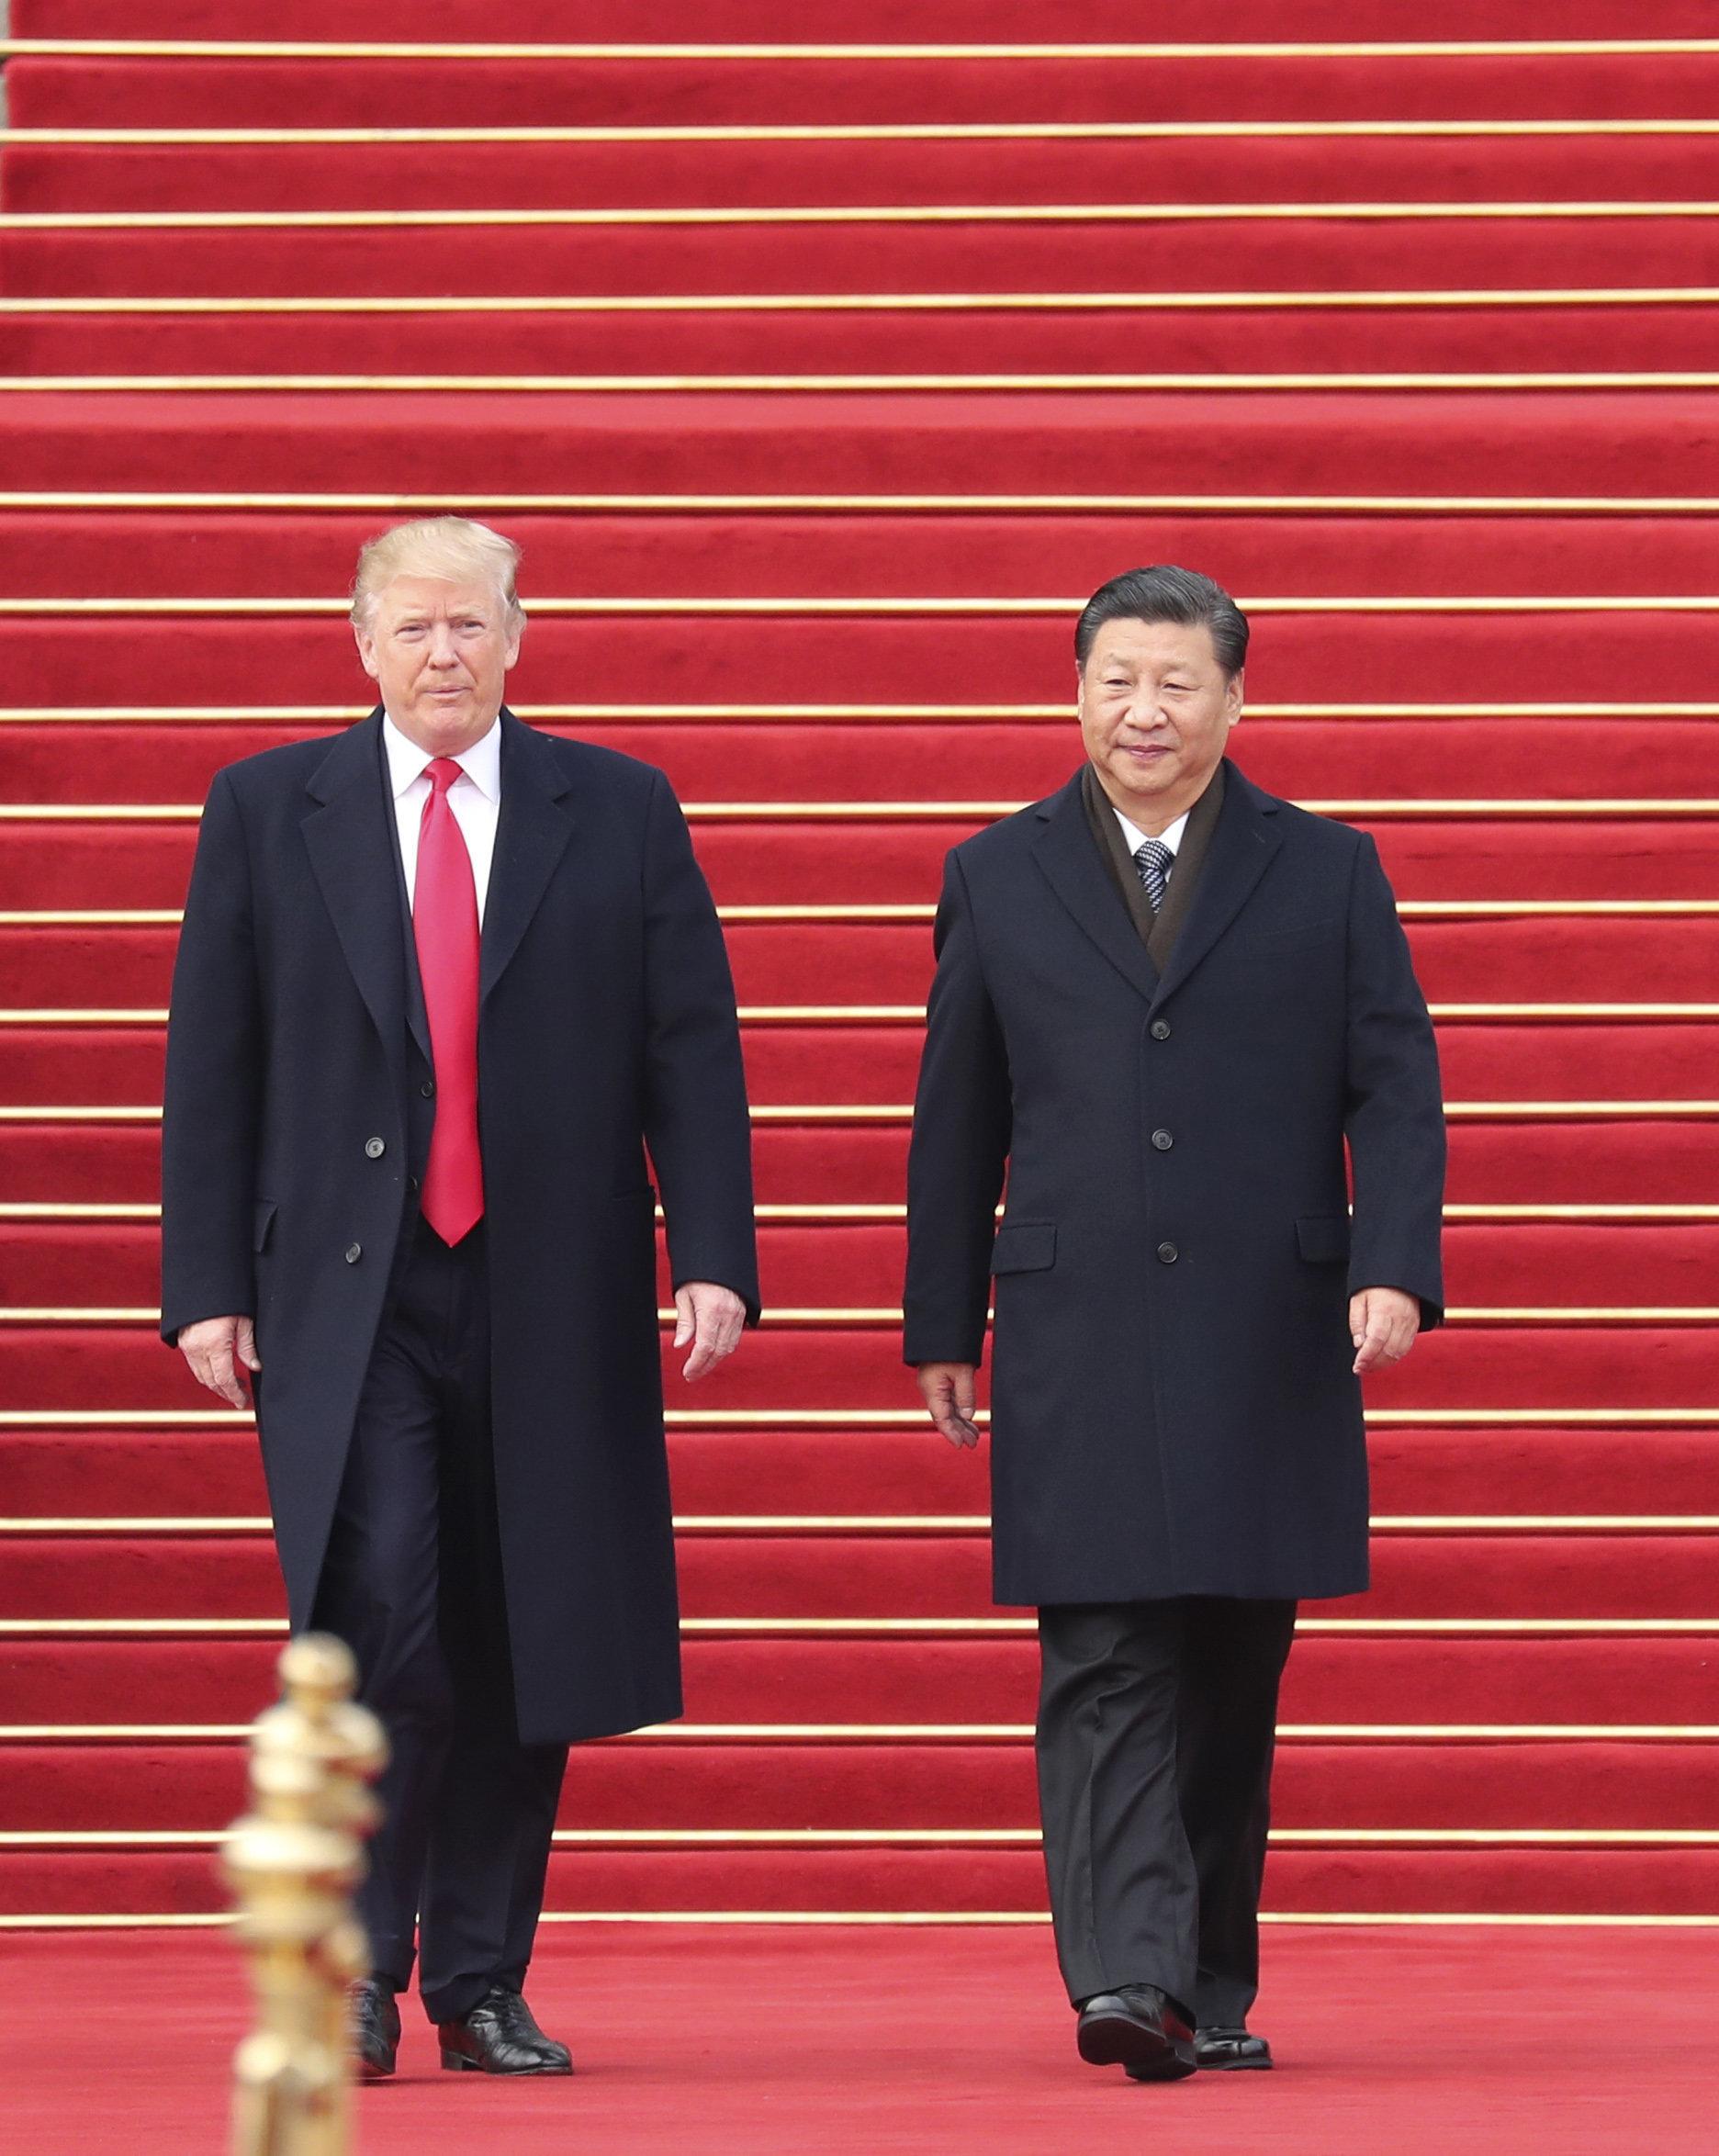 트럼프가 중국과의 무역협상안을 마련하라고 측근들에게